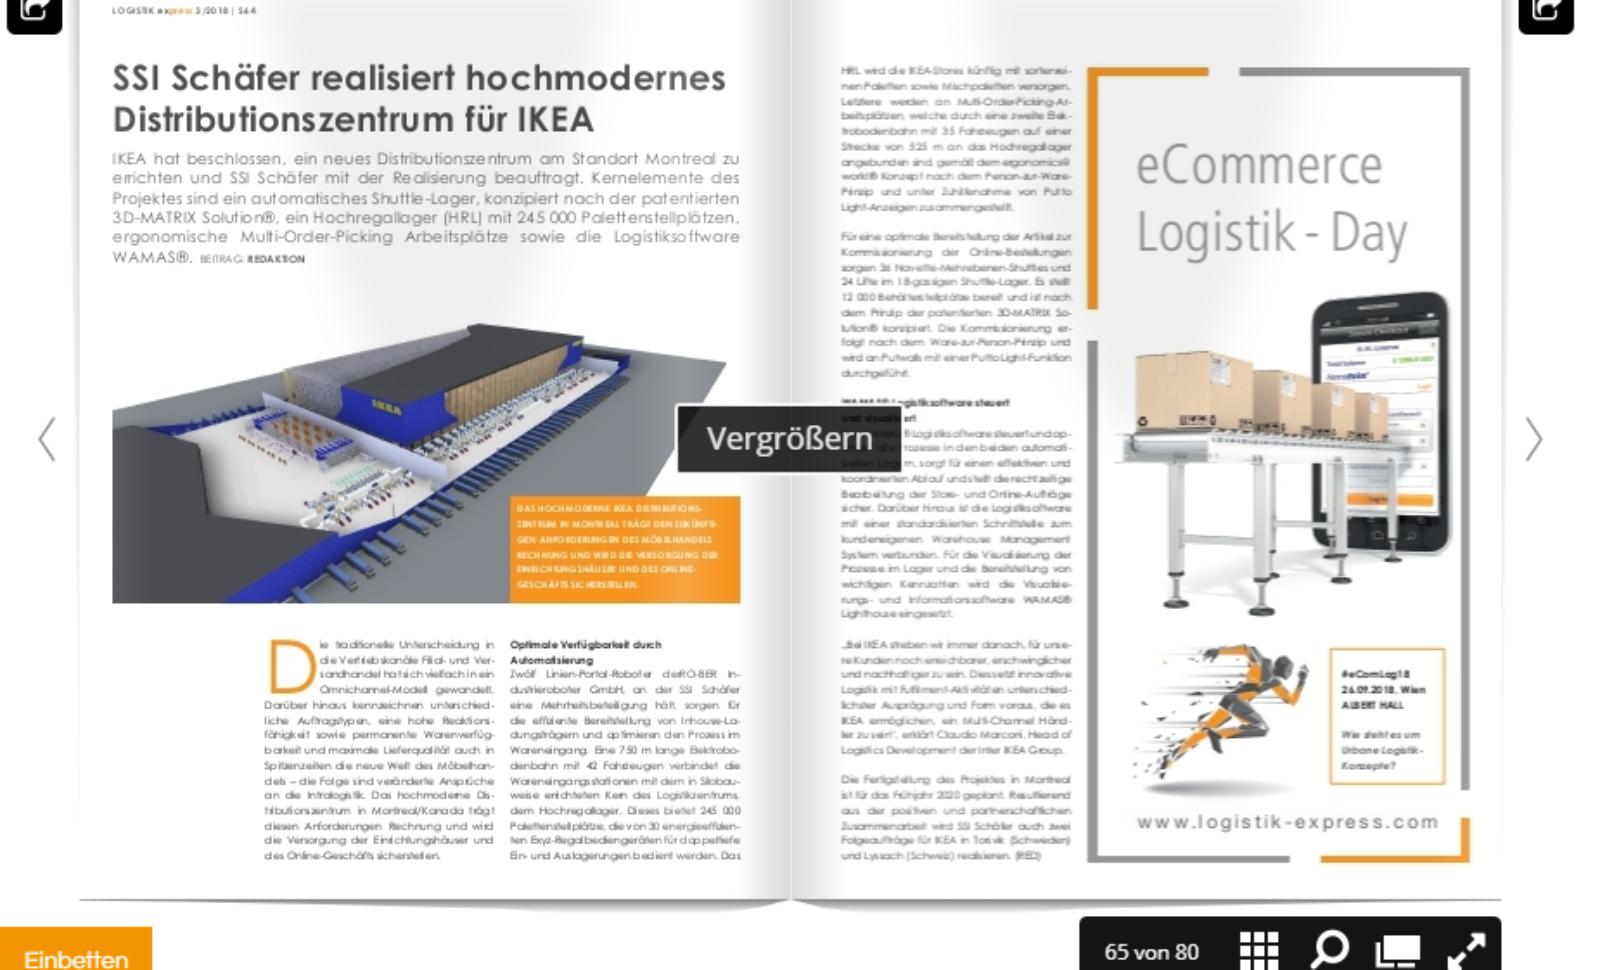 SSI Schäfer realisiert hochmodernes Distributionszentrum für IKEA